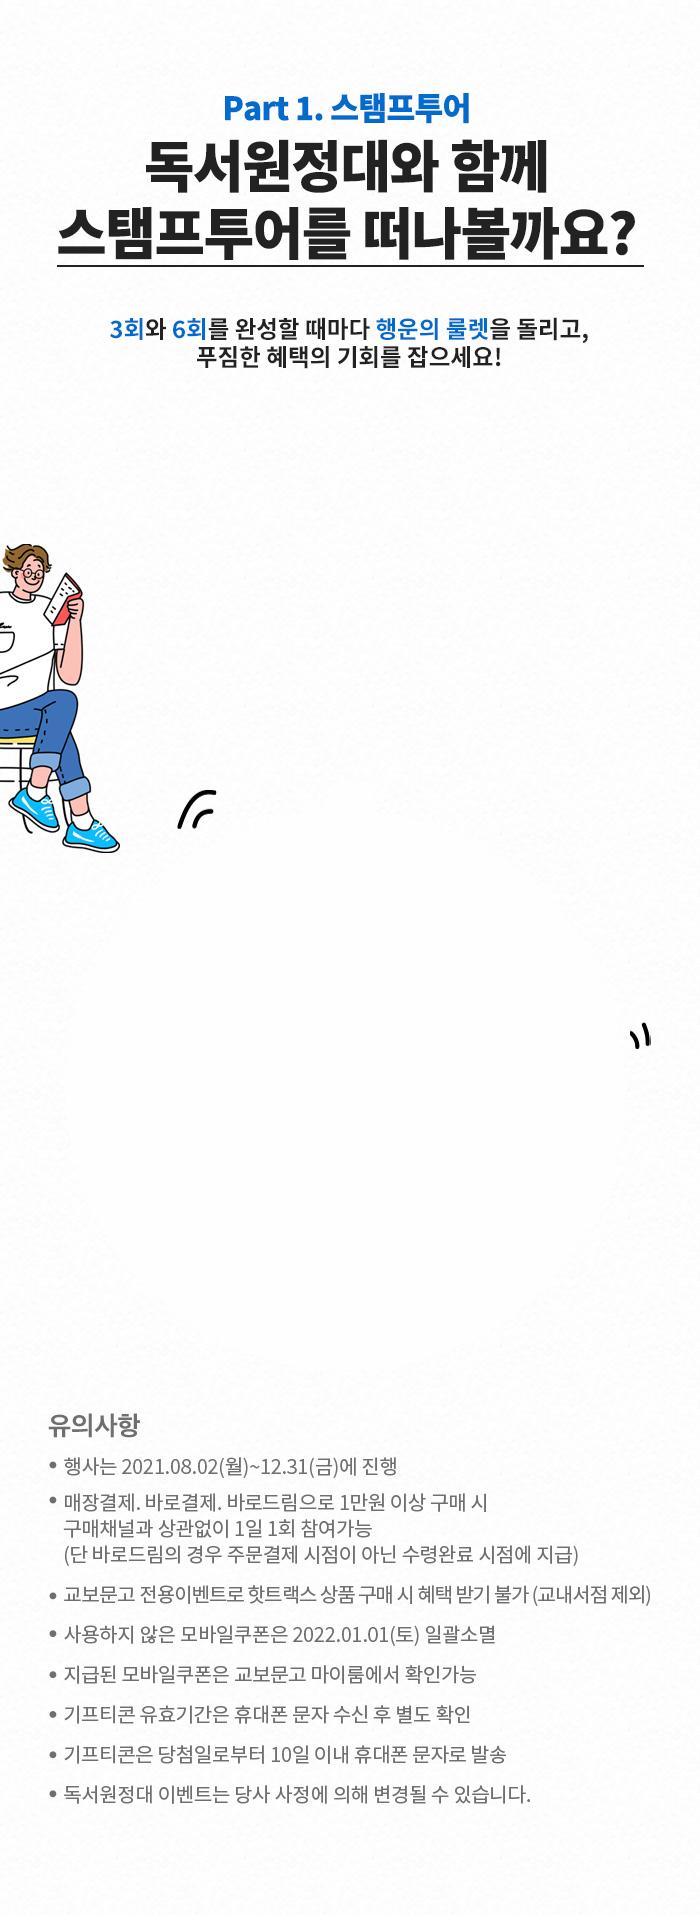 Part1. 스탬프투어/ 독서원정대와 함께 스탬프투어를 떠나볼까요?